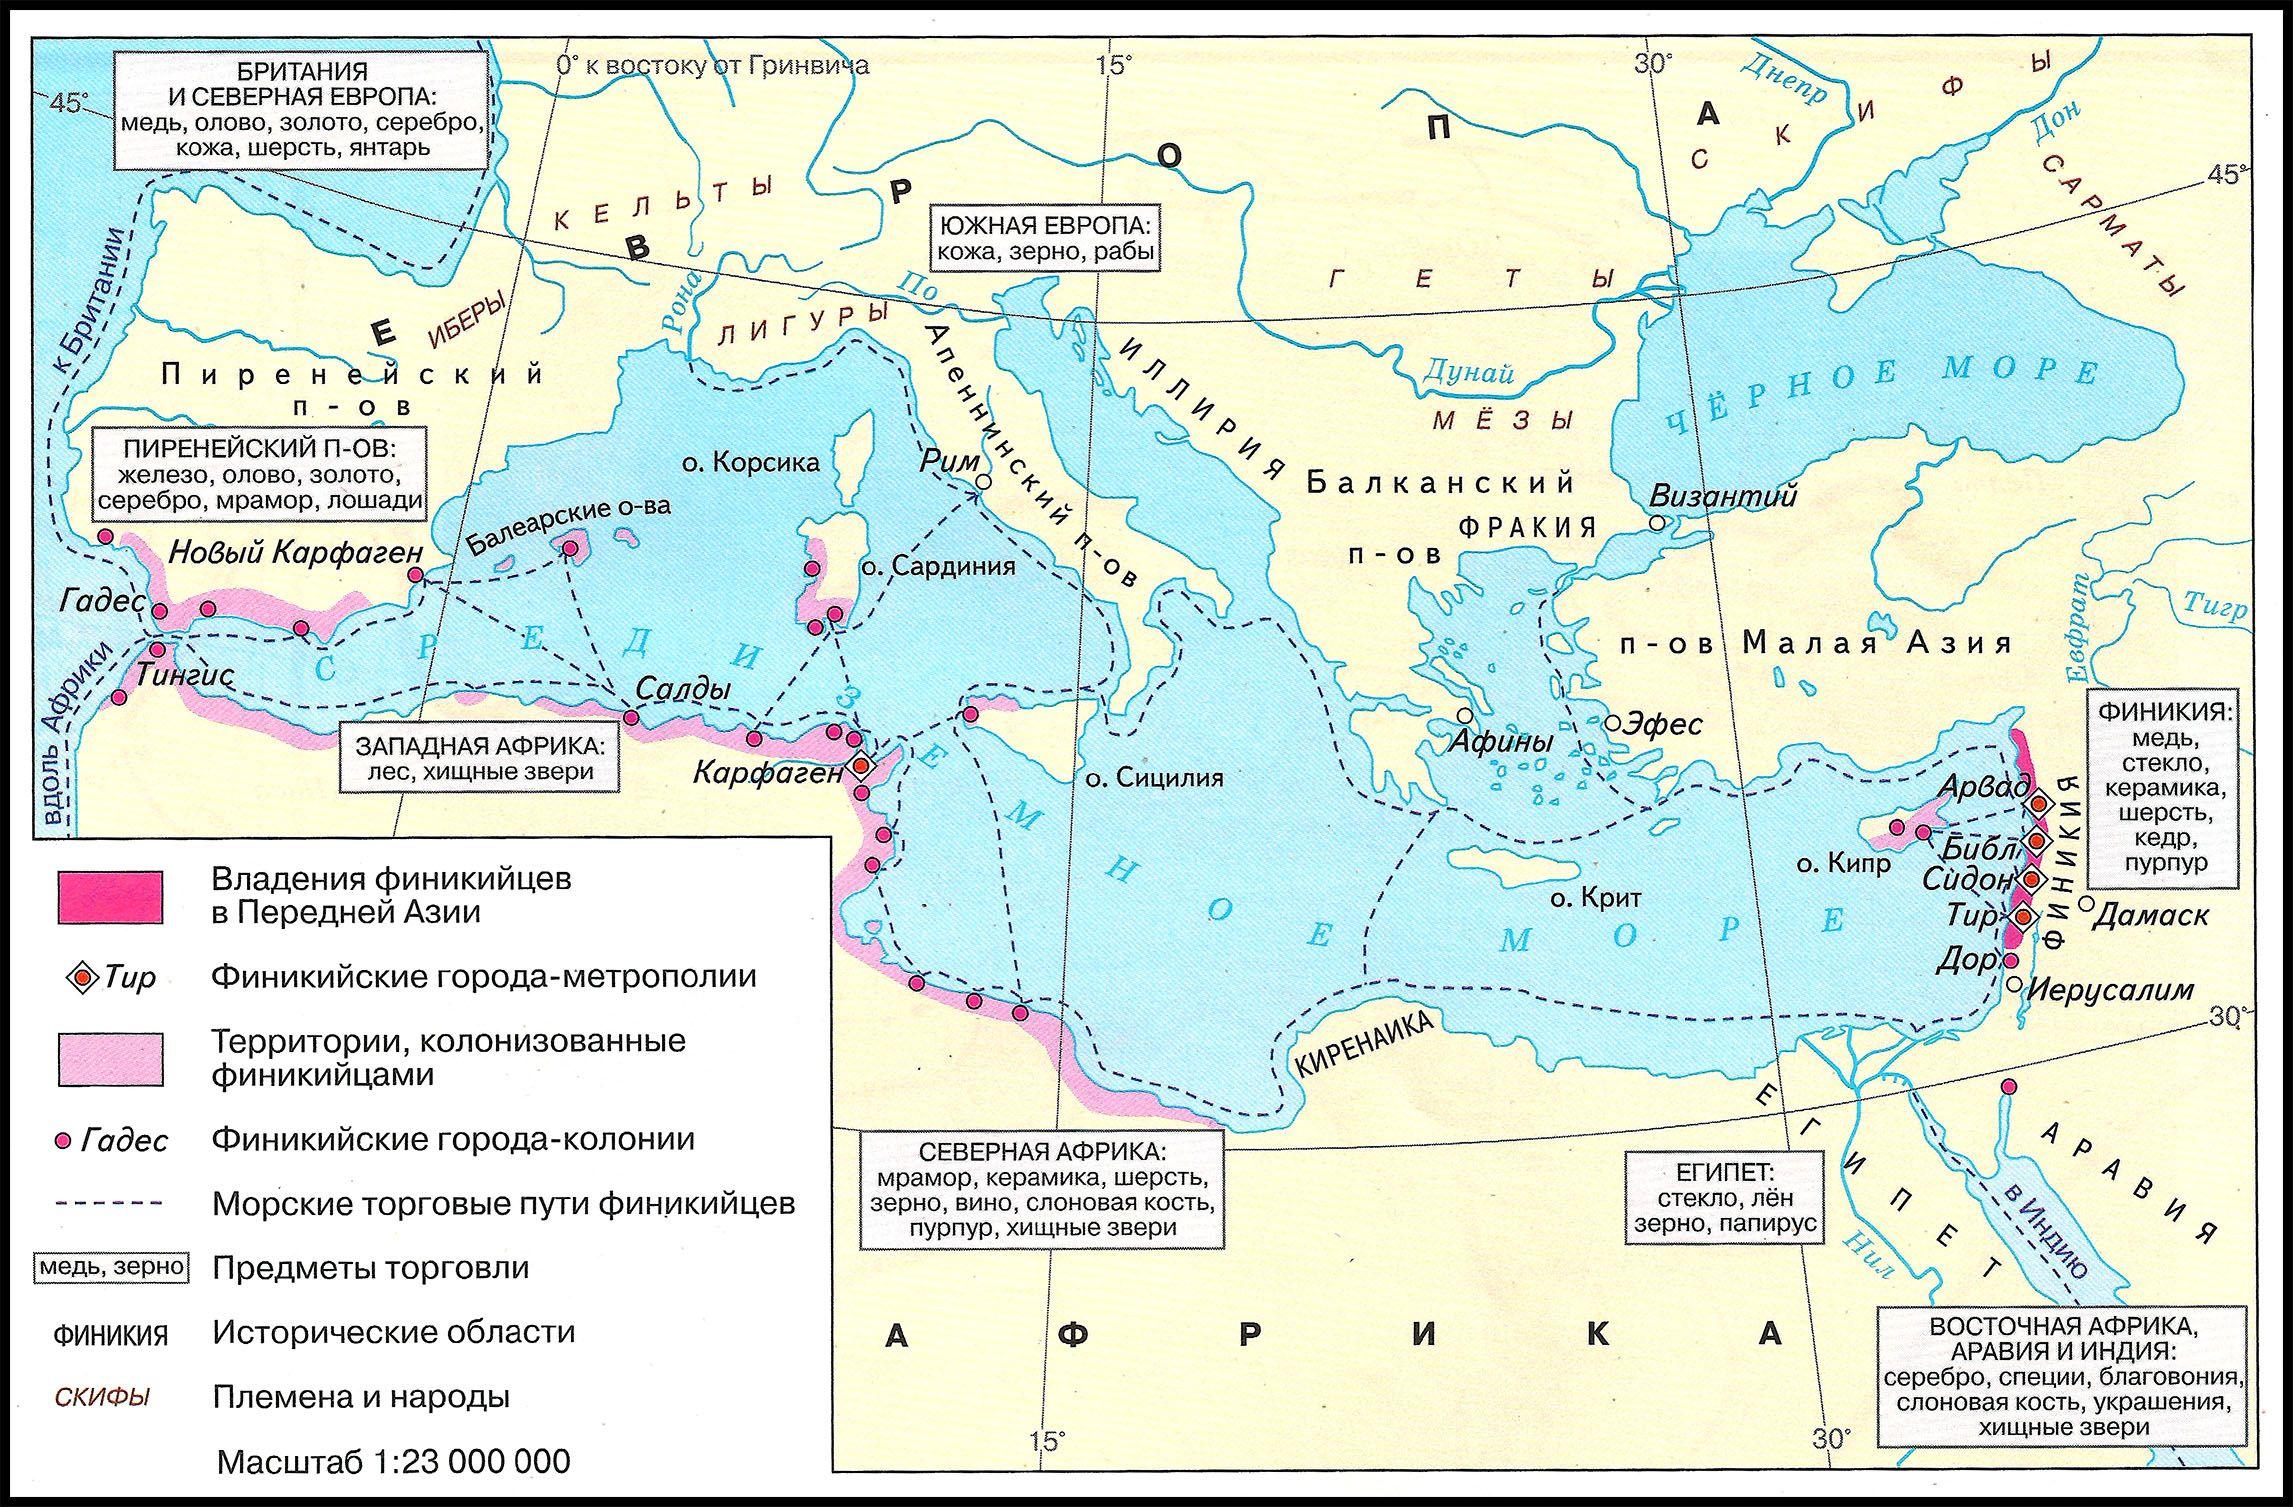 Финикийская колонизация и торговля, 800-600 гг. до н.э.